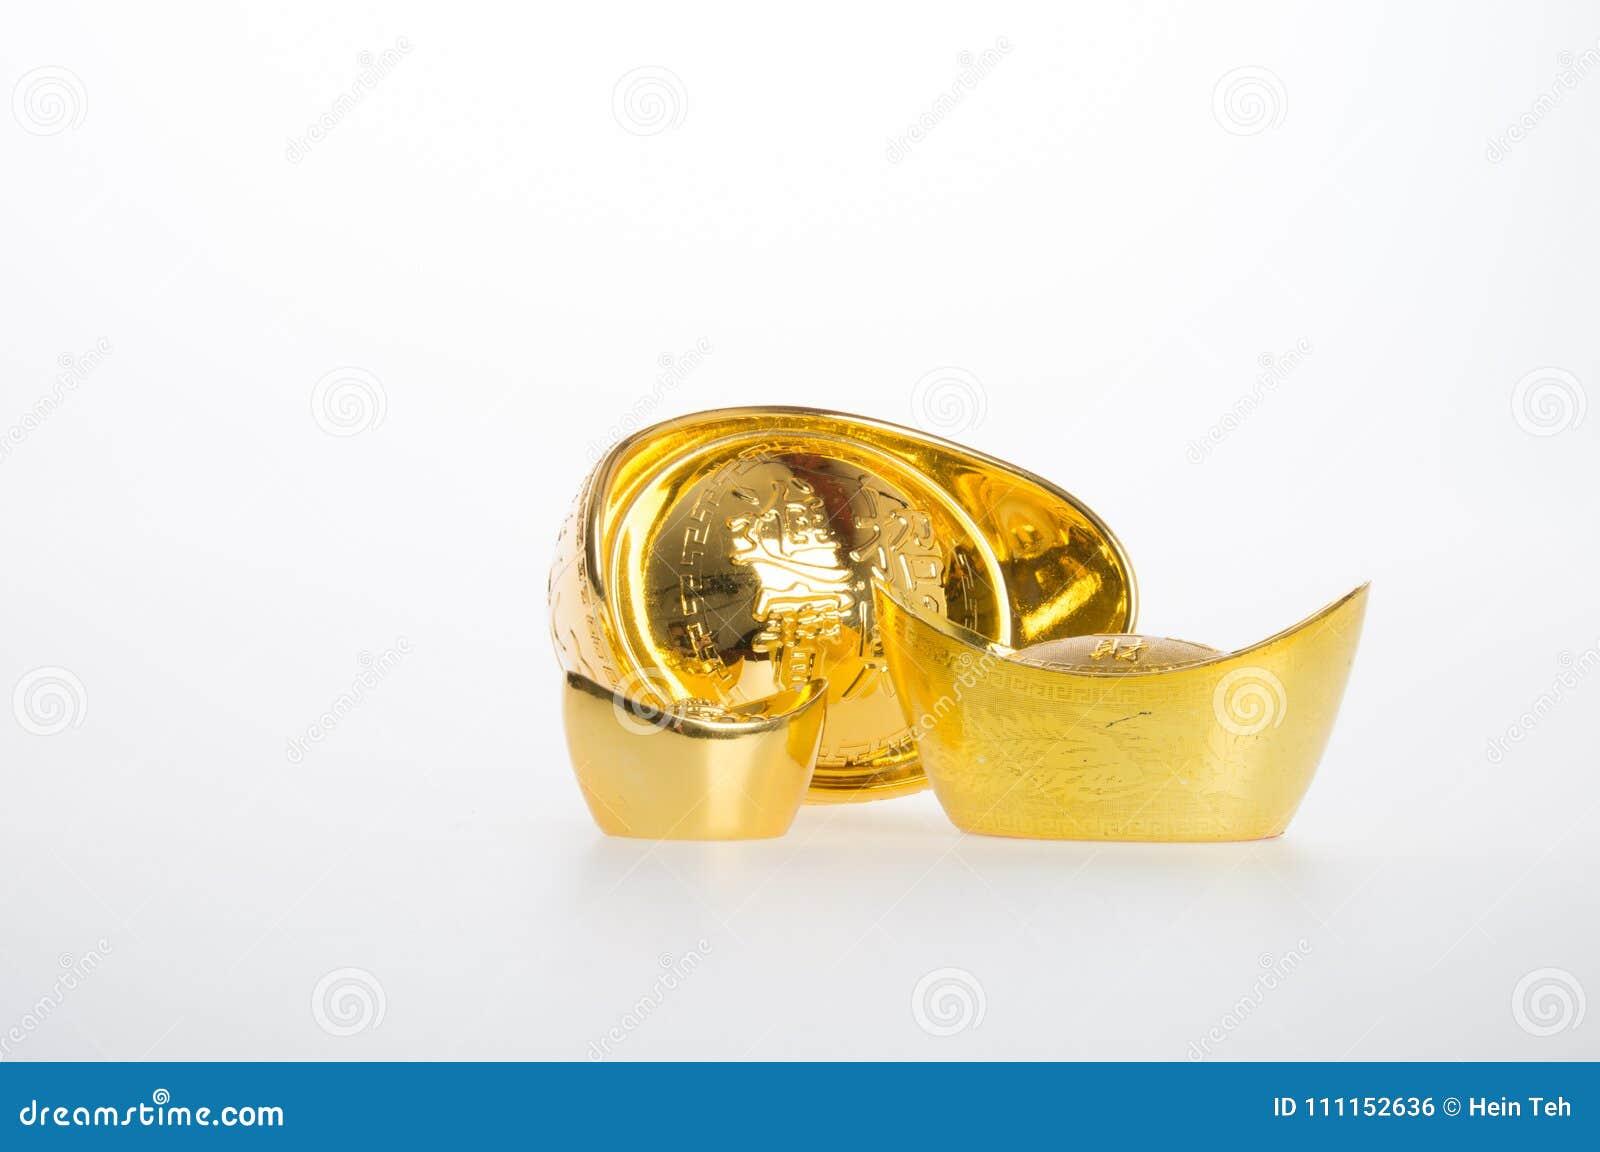 金子或财富和繁荣的中国金锭手段标志